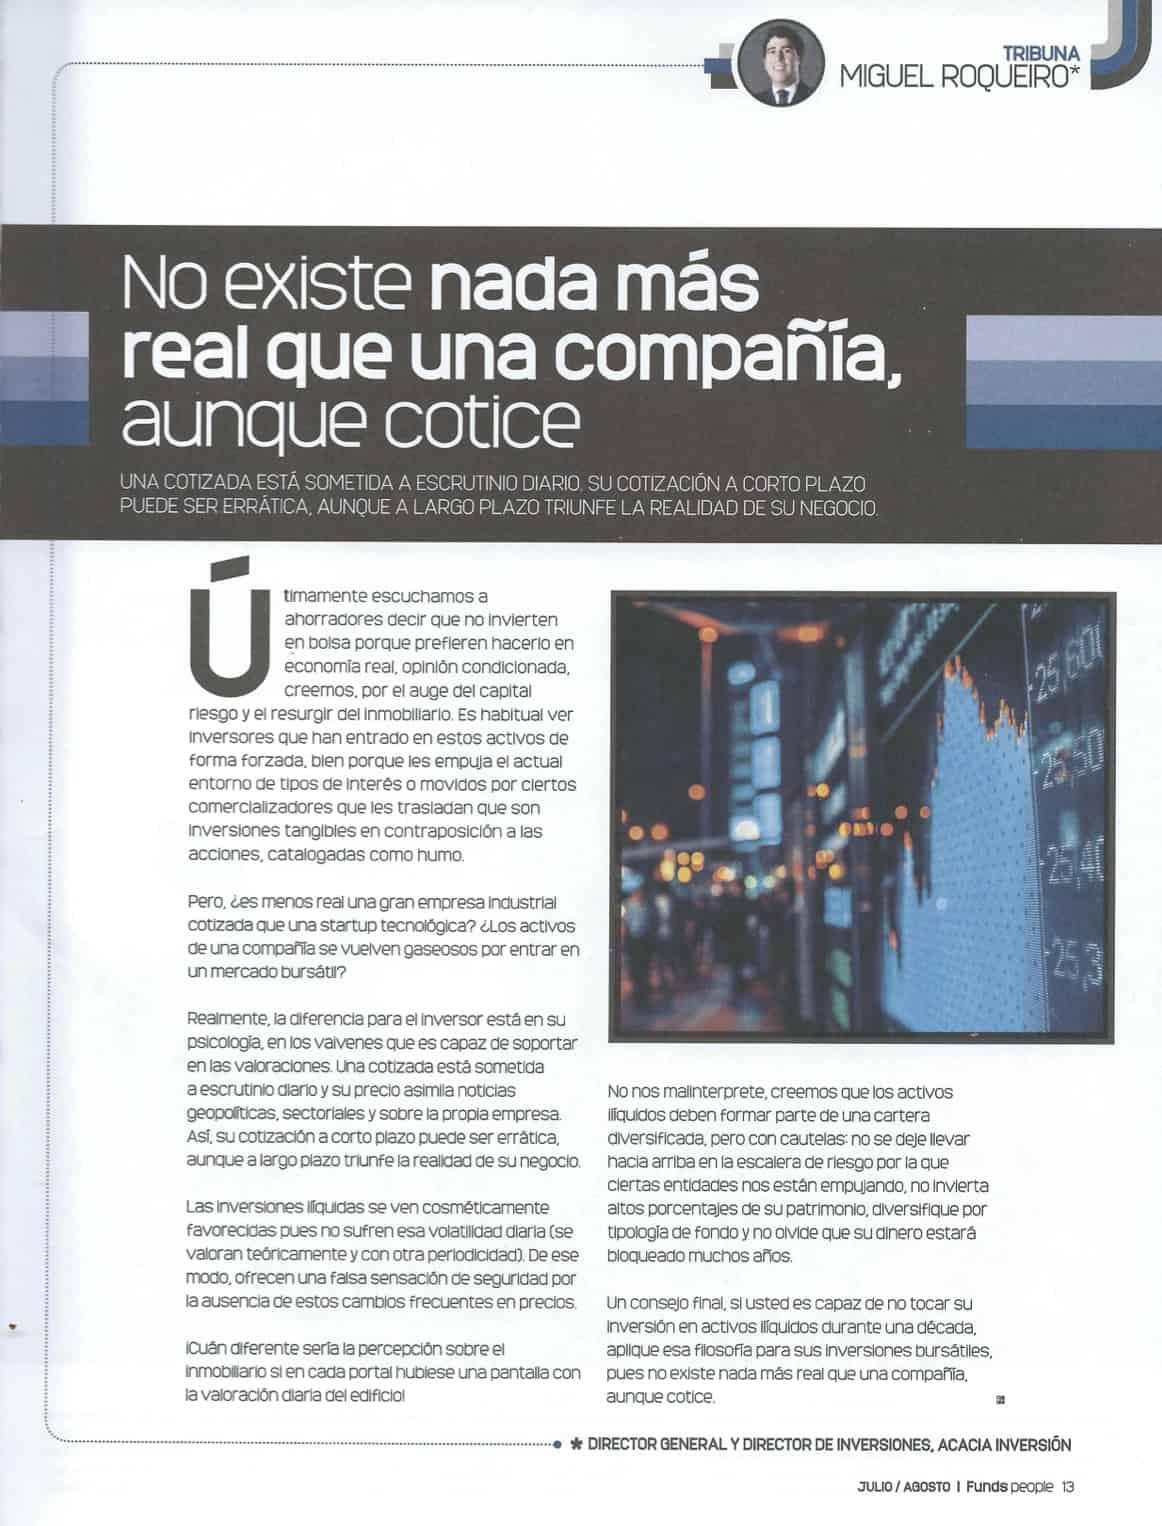 Miguel Roqueiro y Ander Arcaraz en Funds People